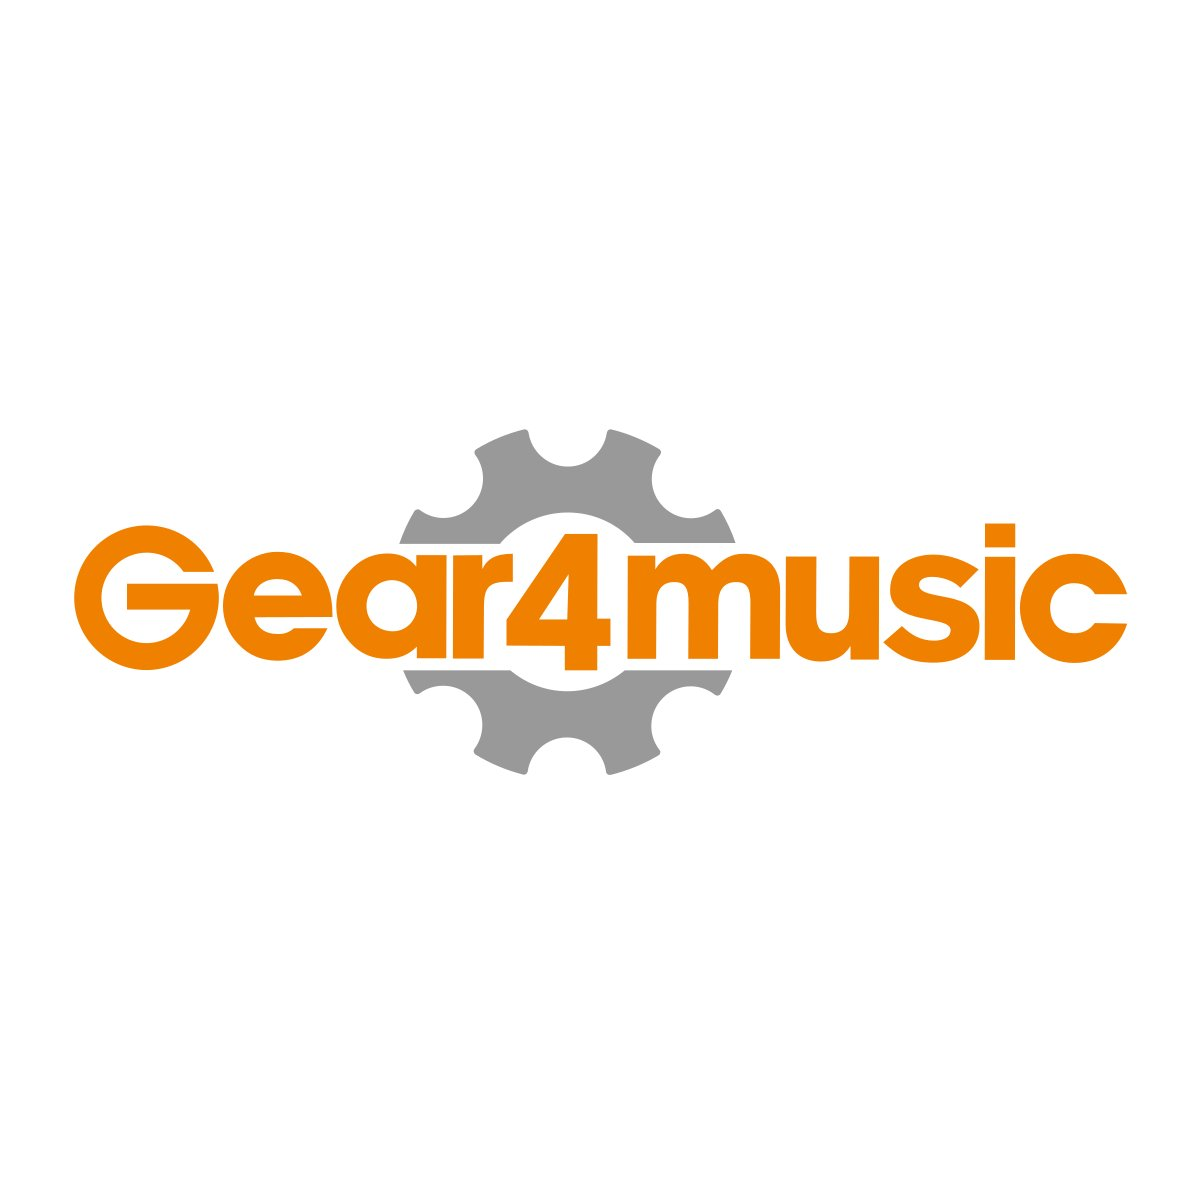 14 Zoll x 12 Zoll (35,6 x 30,5 cm) Marching   Snare Drum mit Tragegstell - von Gear4music